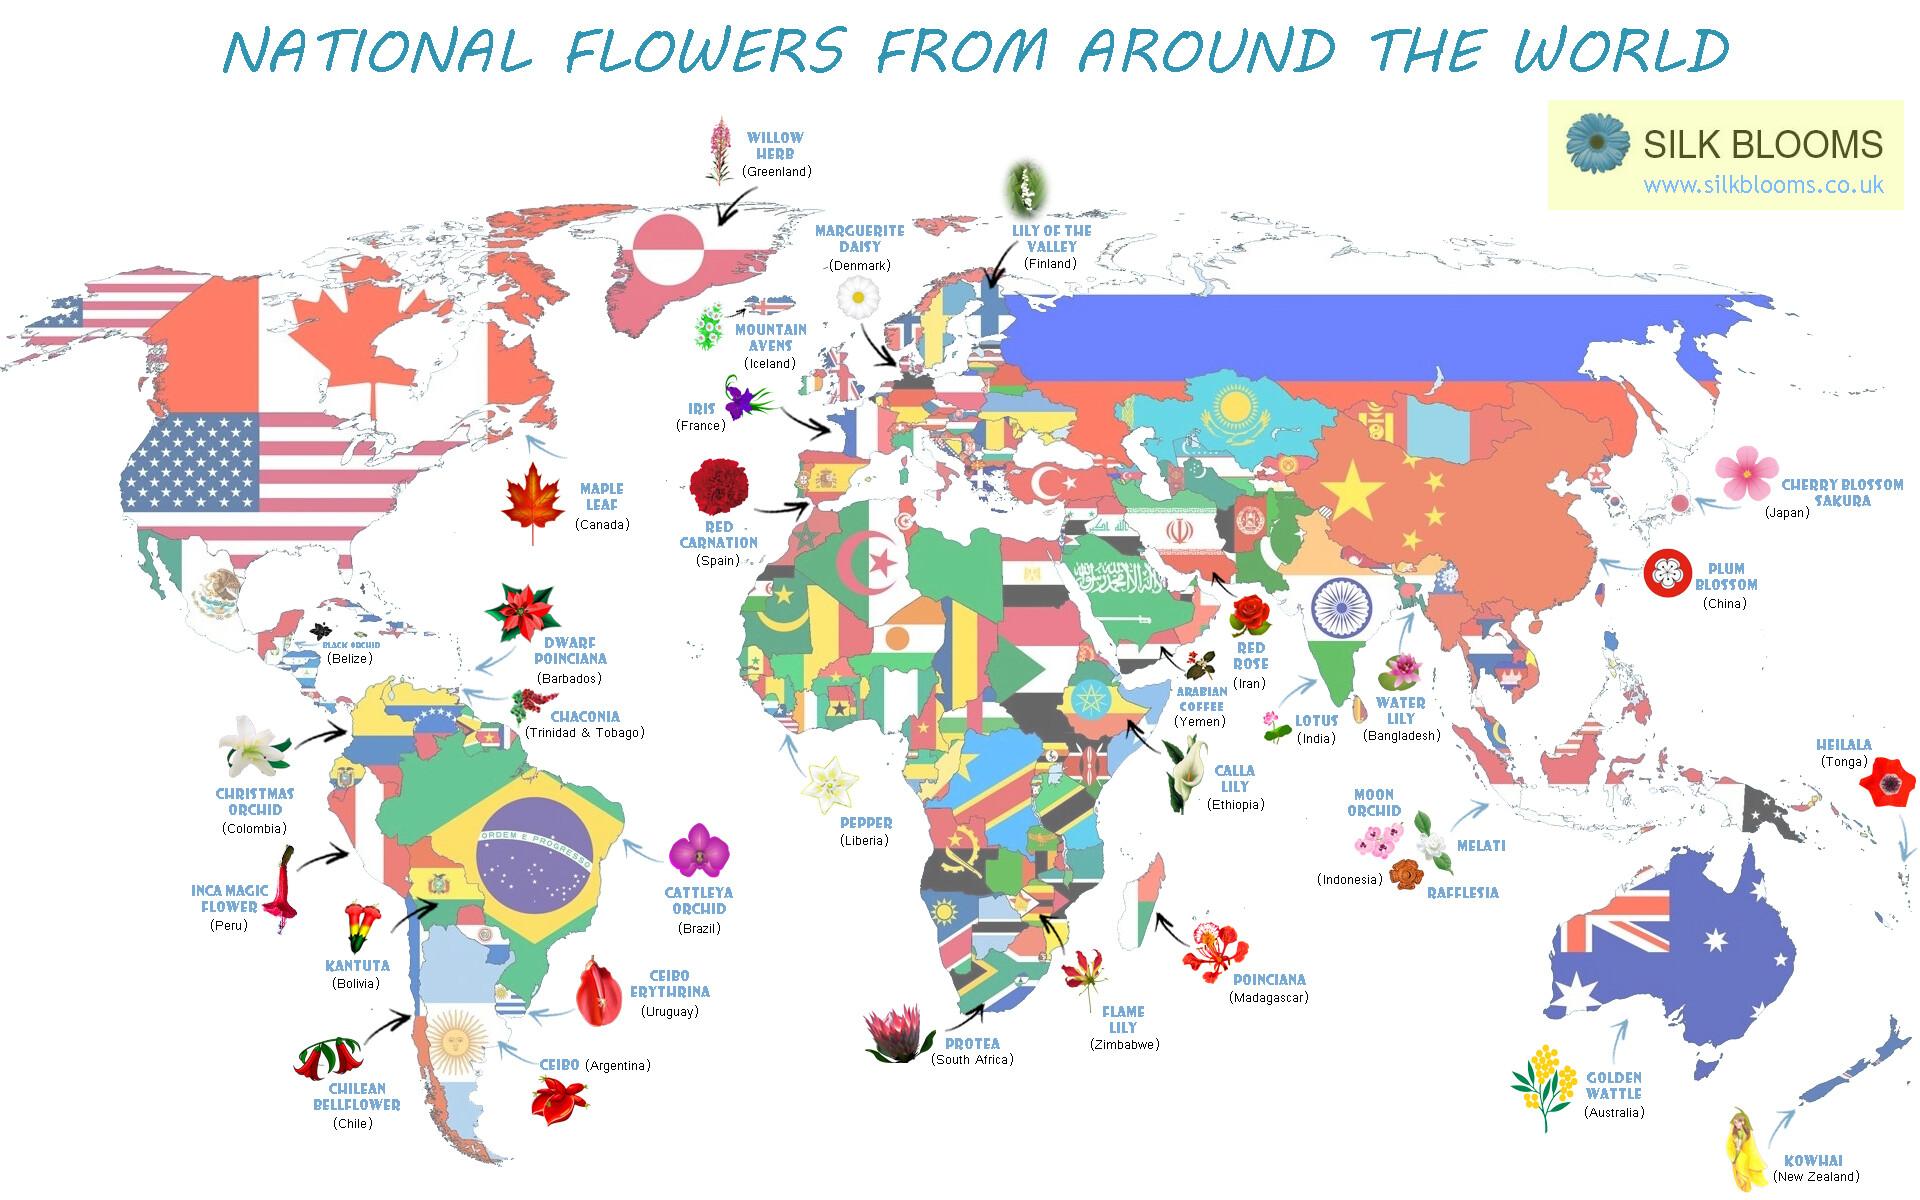 معانی گلها و گل به عنوان نماد کشورها!